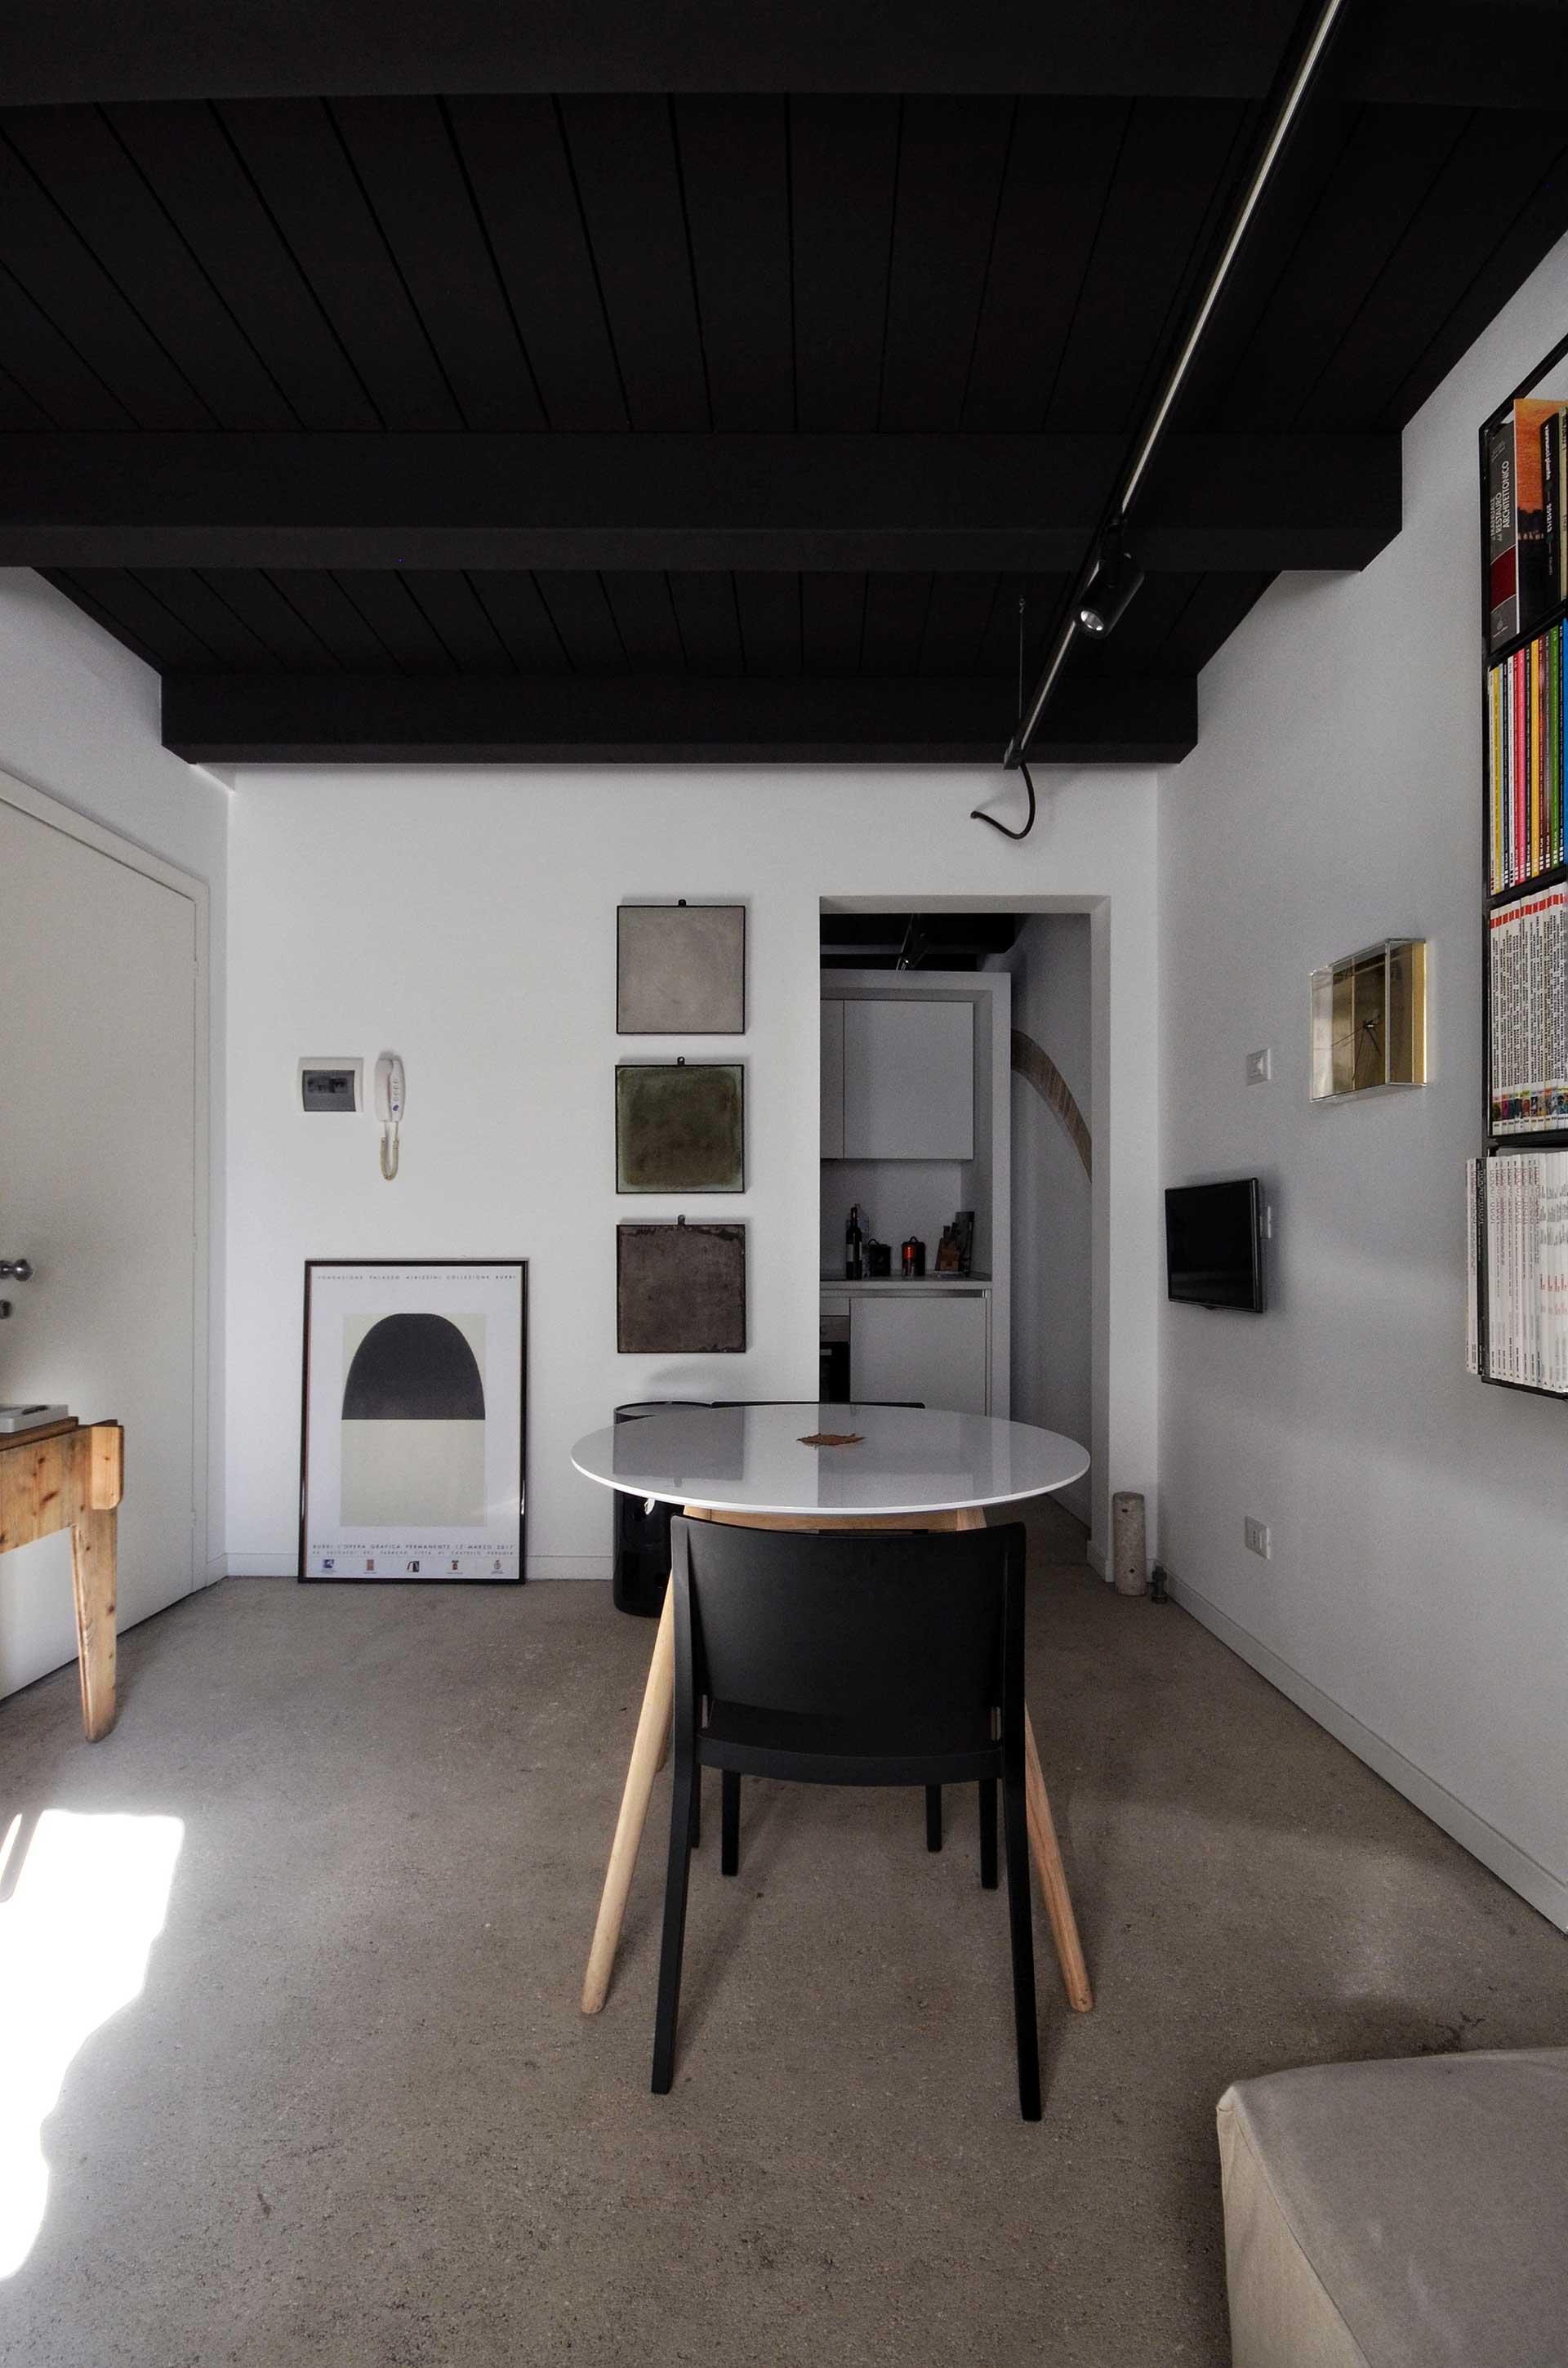 casa CM127. veduta del varco ed in sfondo la quinta cucina.